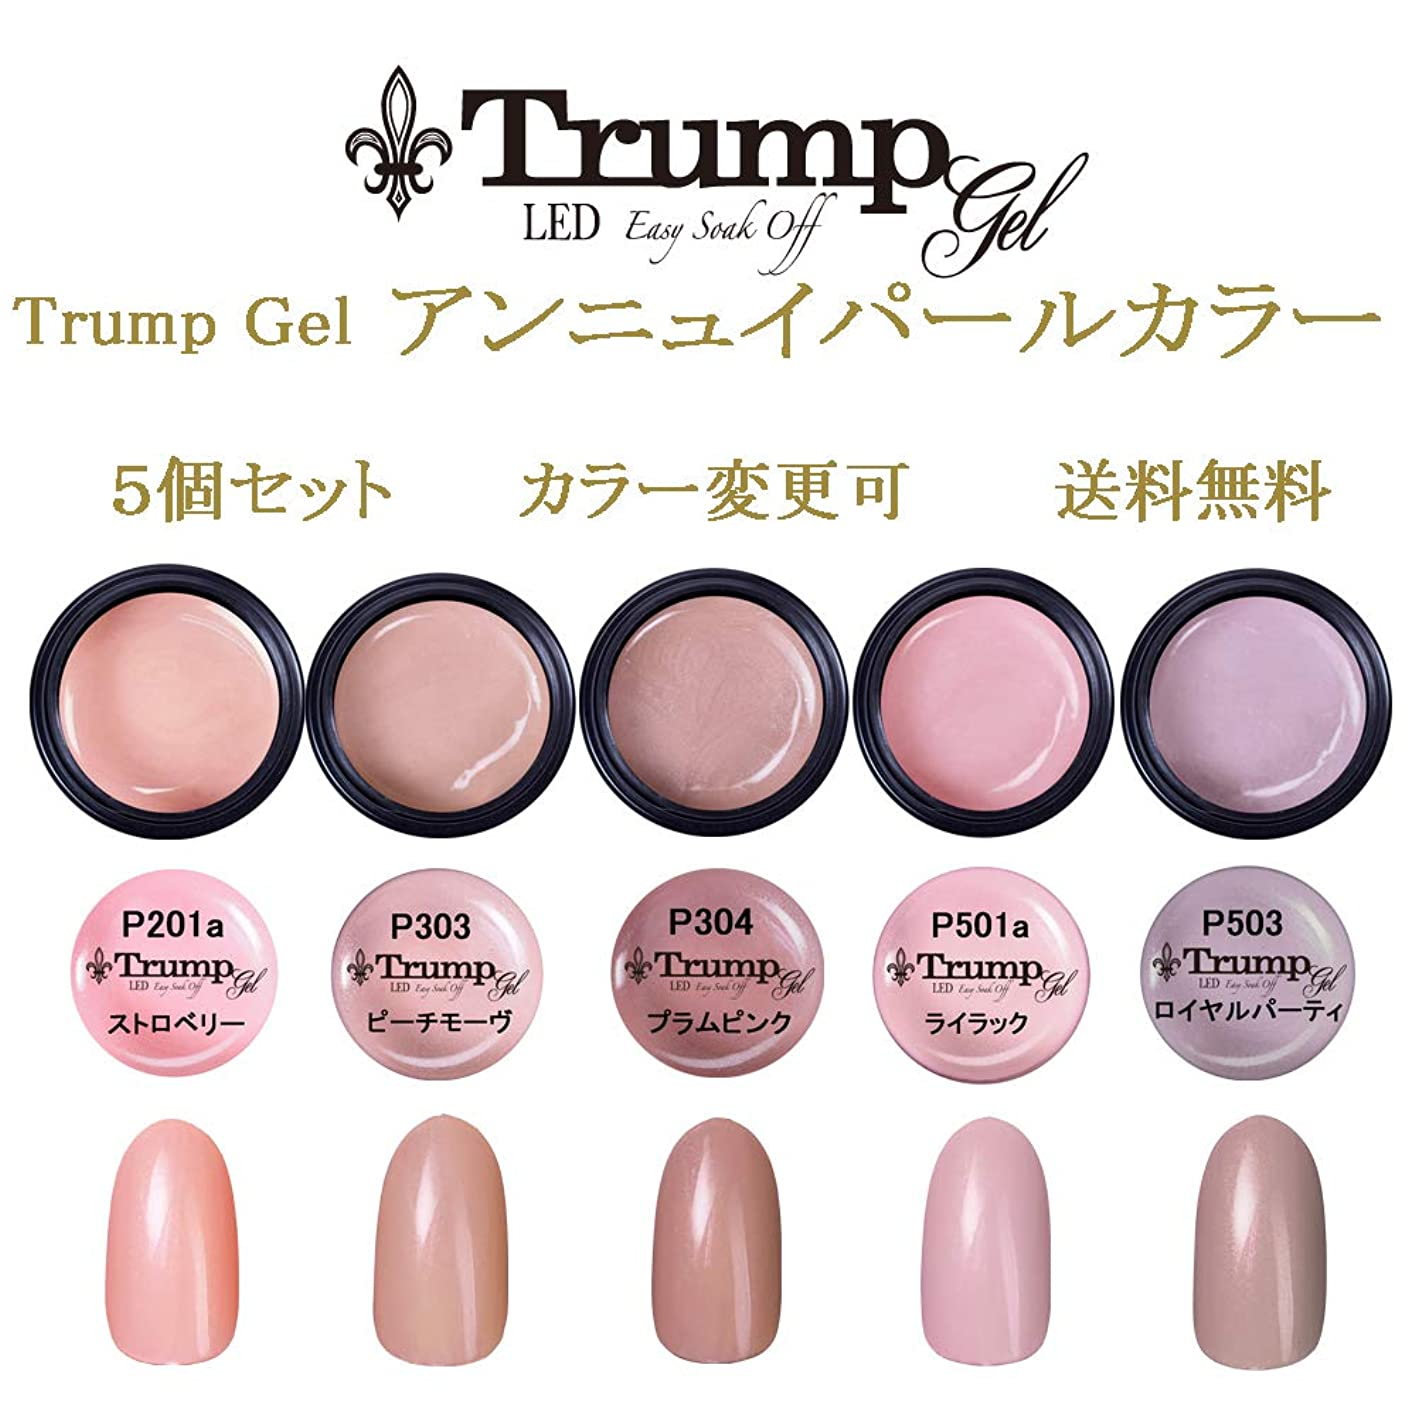 期間不和確認する日本製 Trump gel トランプジェル アンニュイ パール 選べる カラージェル 5個セット ピンク ベージュ パープル